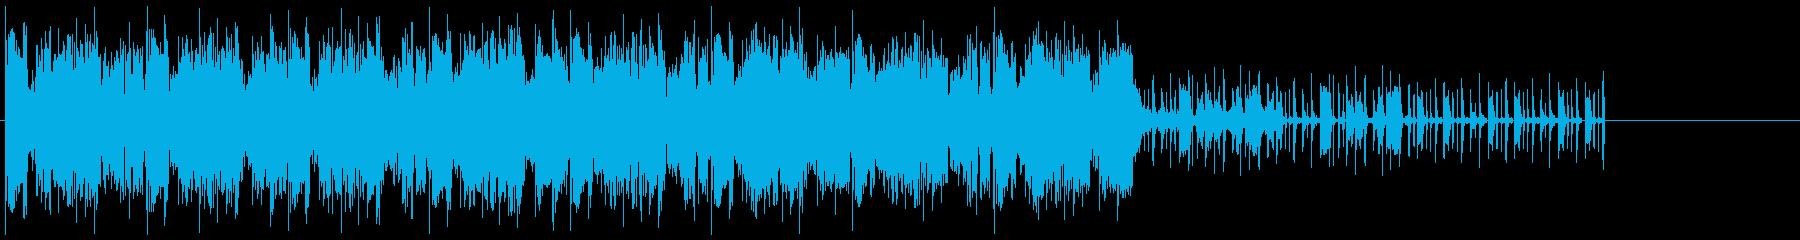 大きく遅いテンポのヒップホップで、...の再生済みの波形